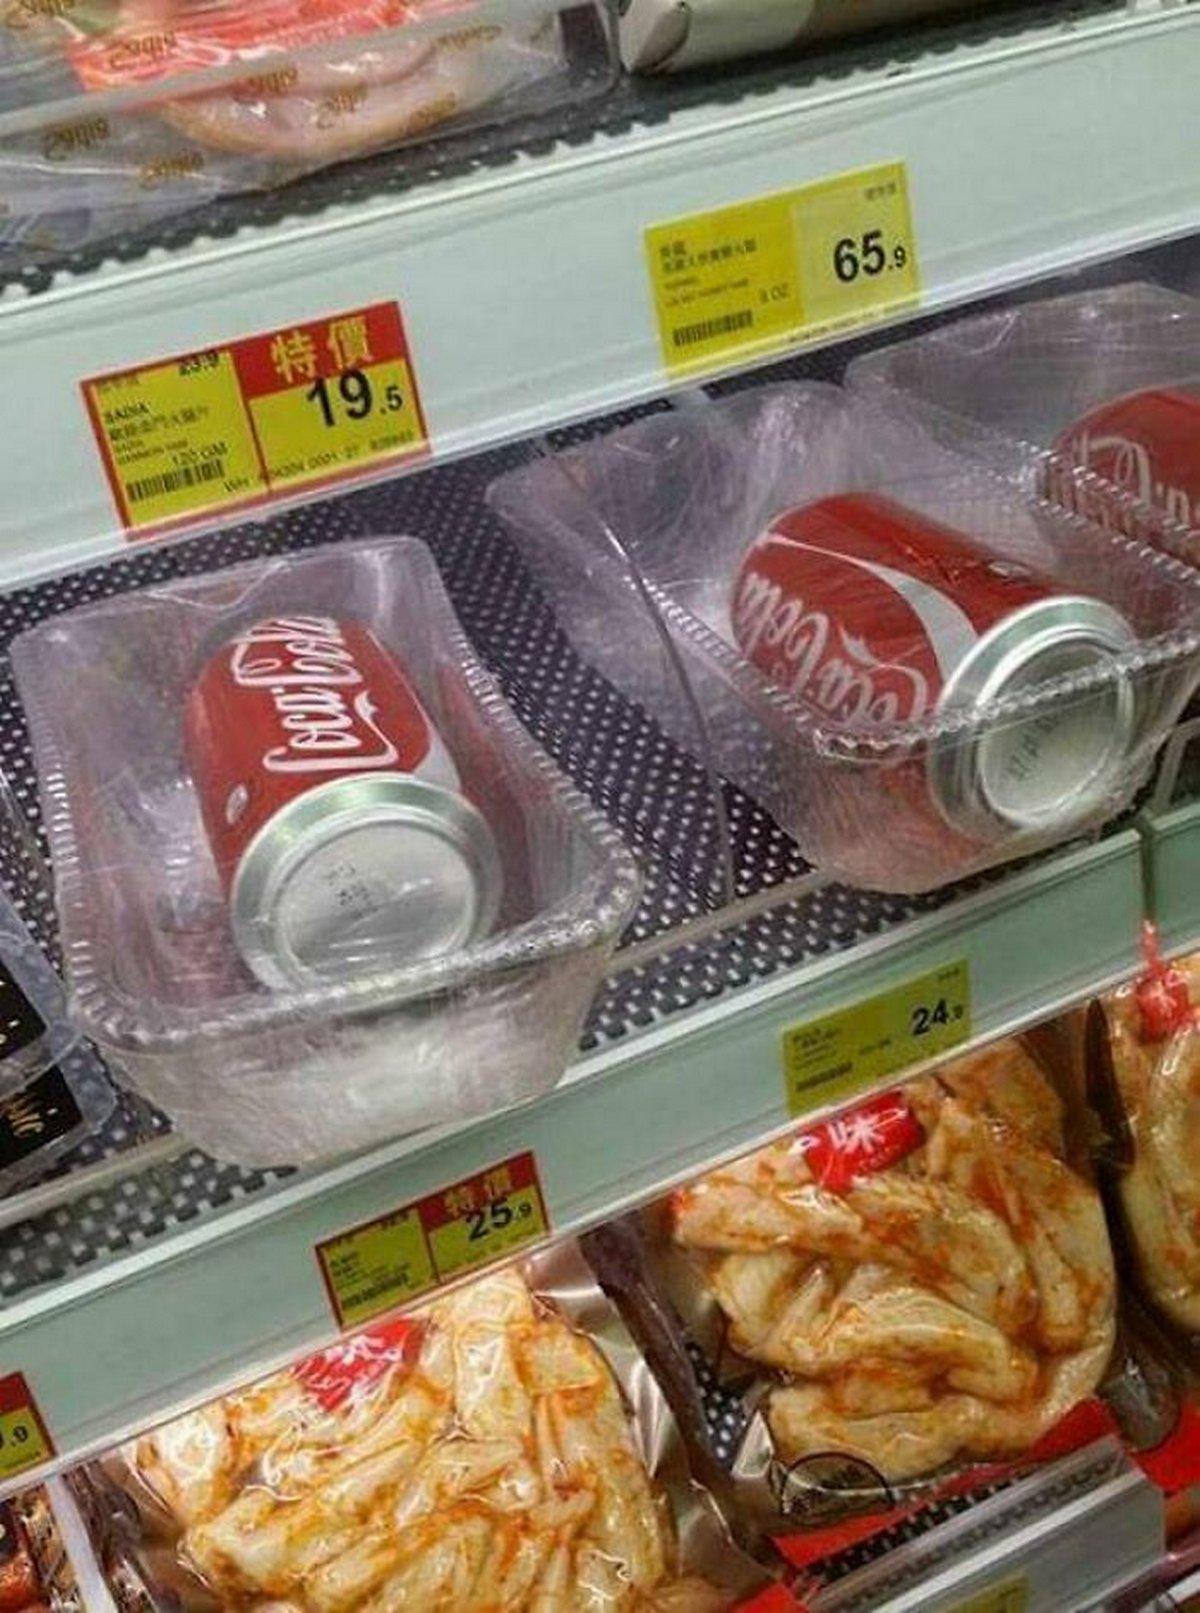 Ces emballages alimentaires sont si pourris que les gens n'ont pas pu rester silencieux